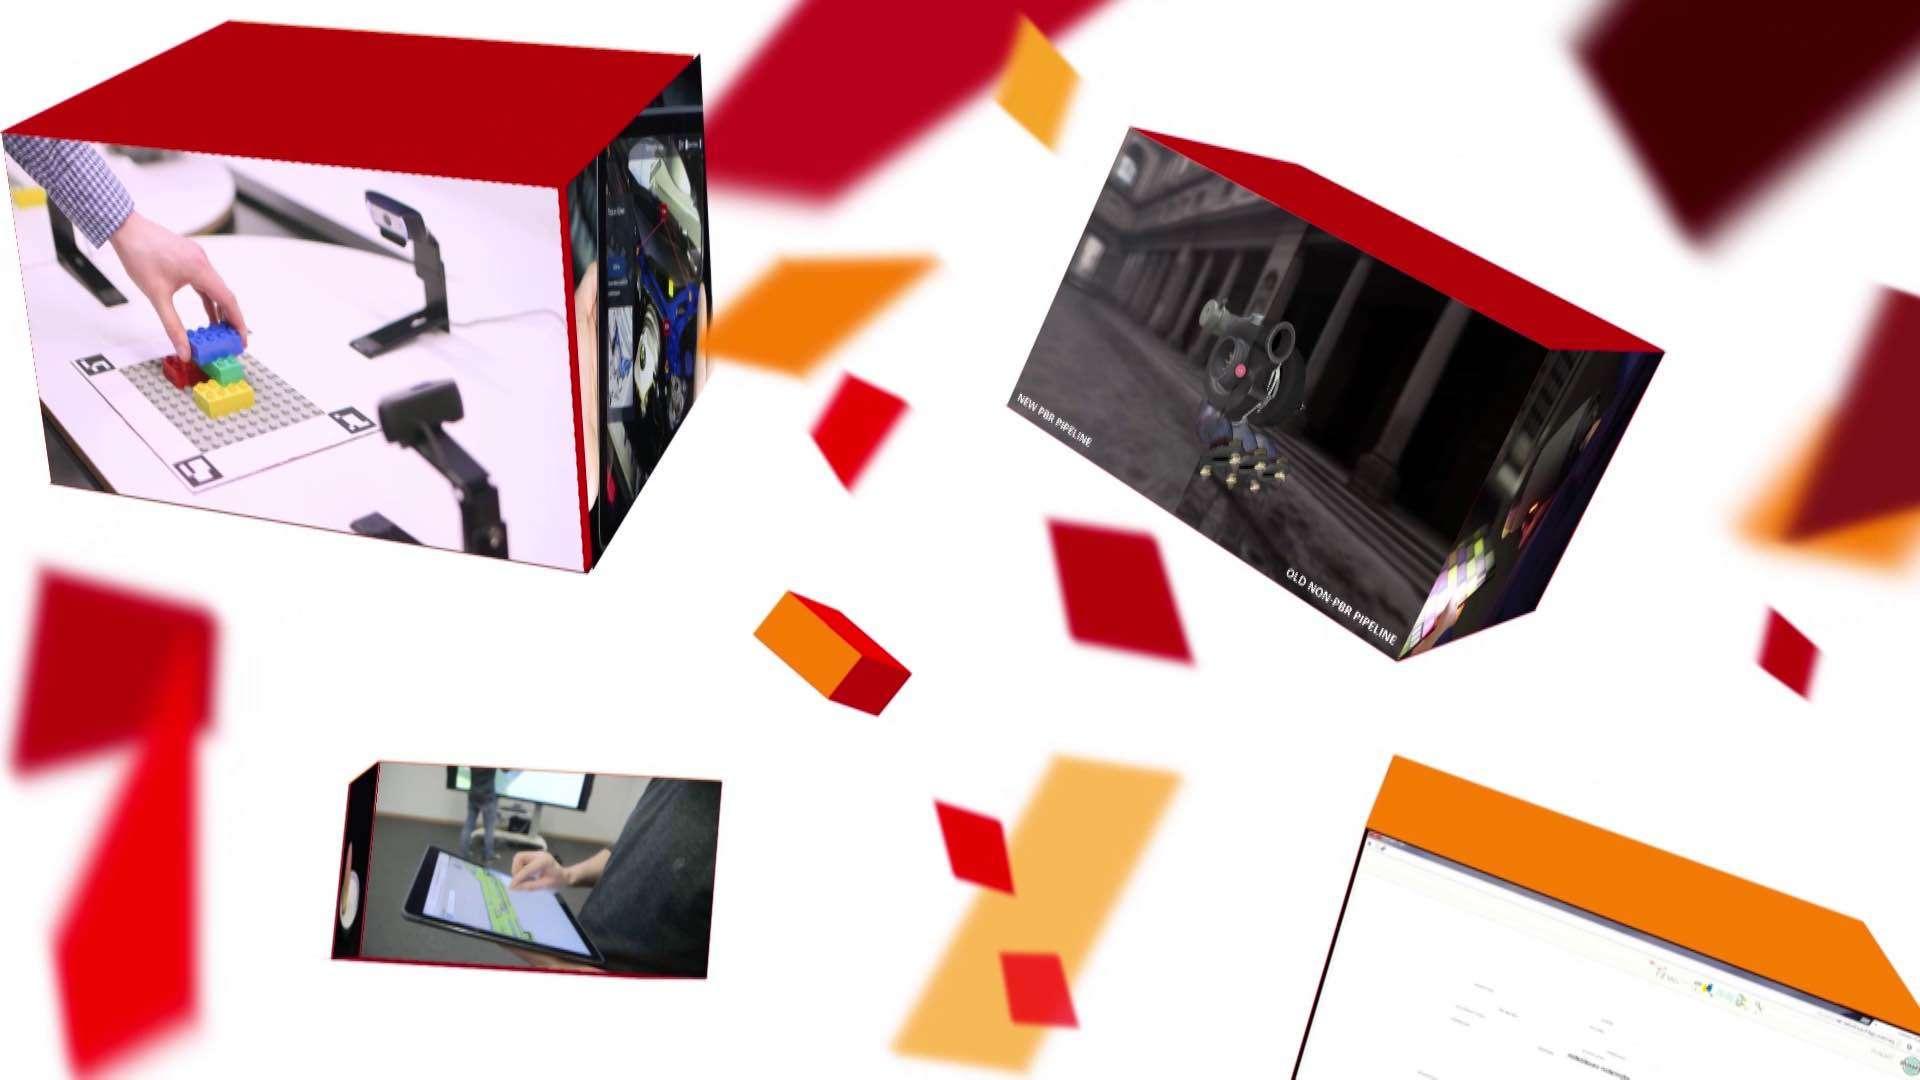 Mehrere farbige Boxen die Bildausschnitten aus einem Erklärfilm für das Fraunhofer-Institut zeigen